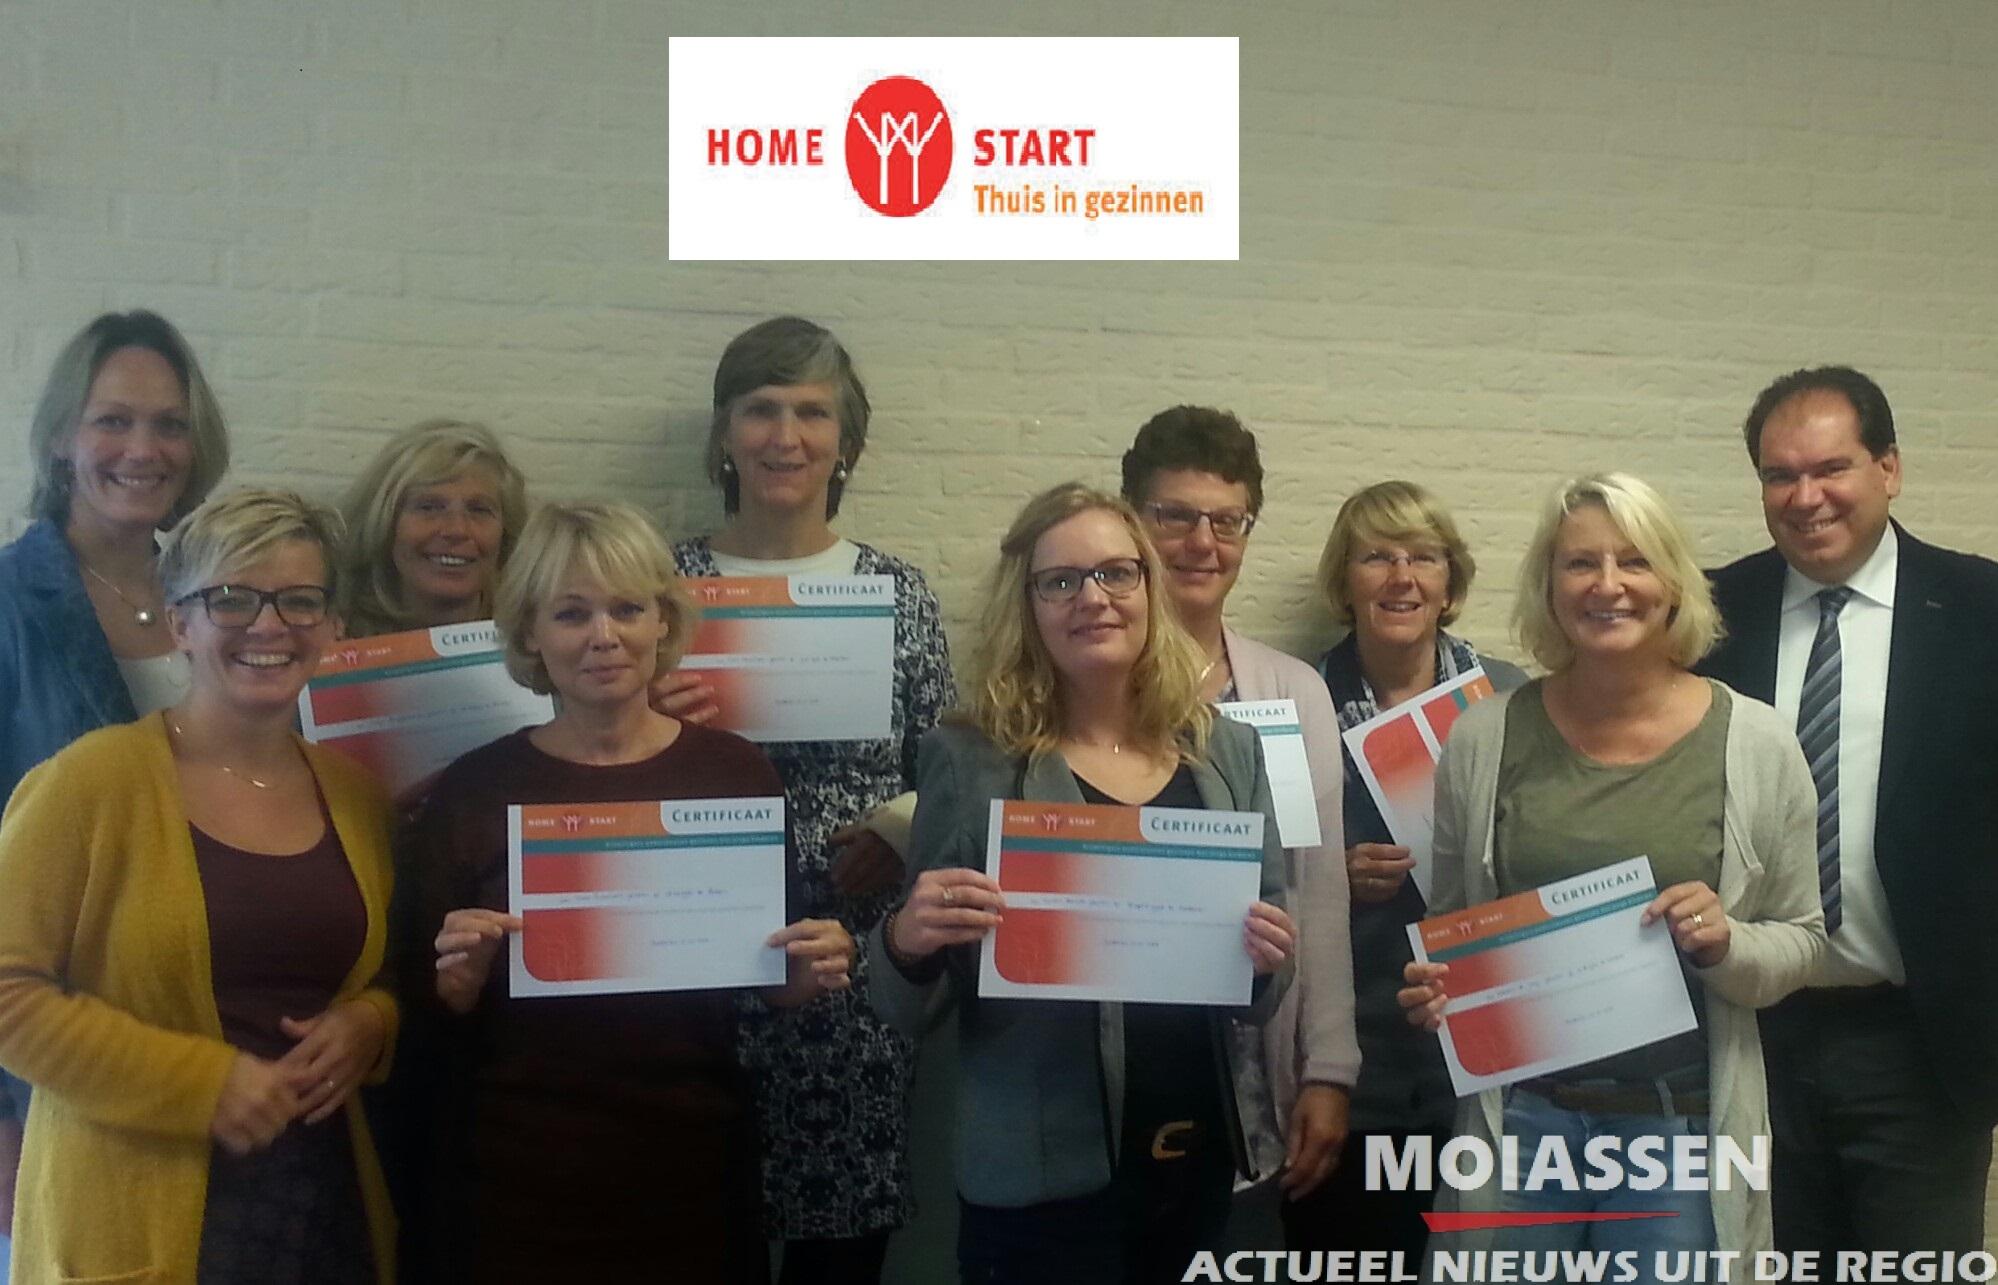 Burgemeester Thijsen reikt certificaten uit aan geslaagde Home-Start vrijwilligers